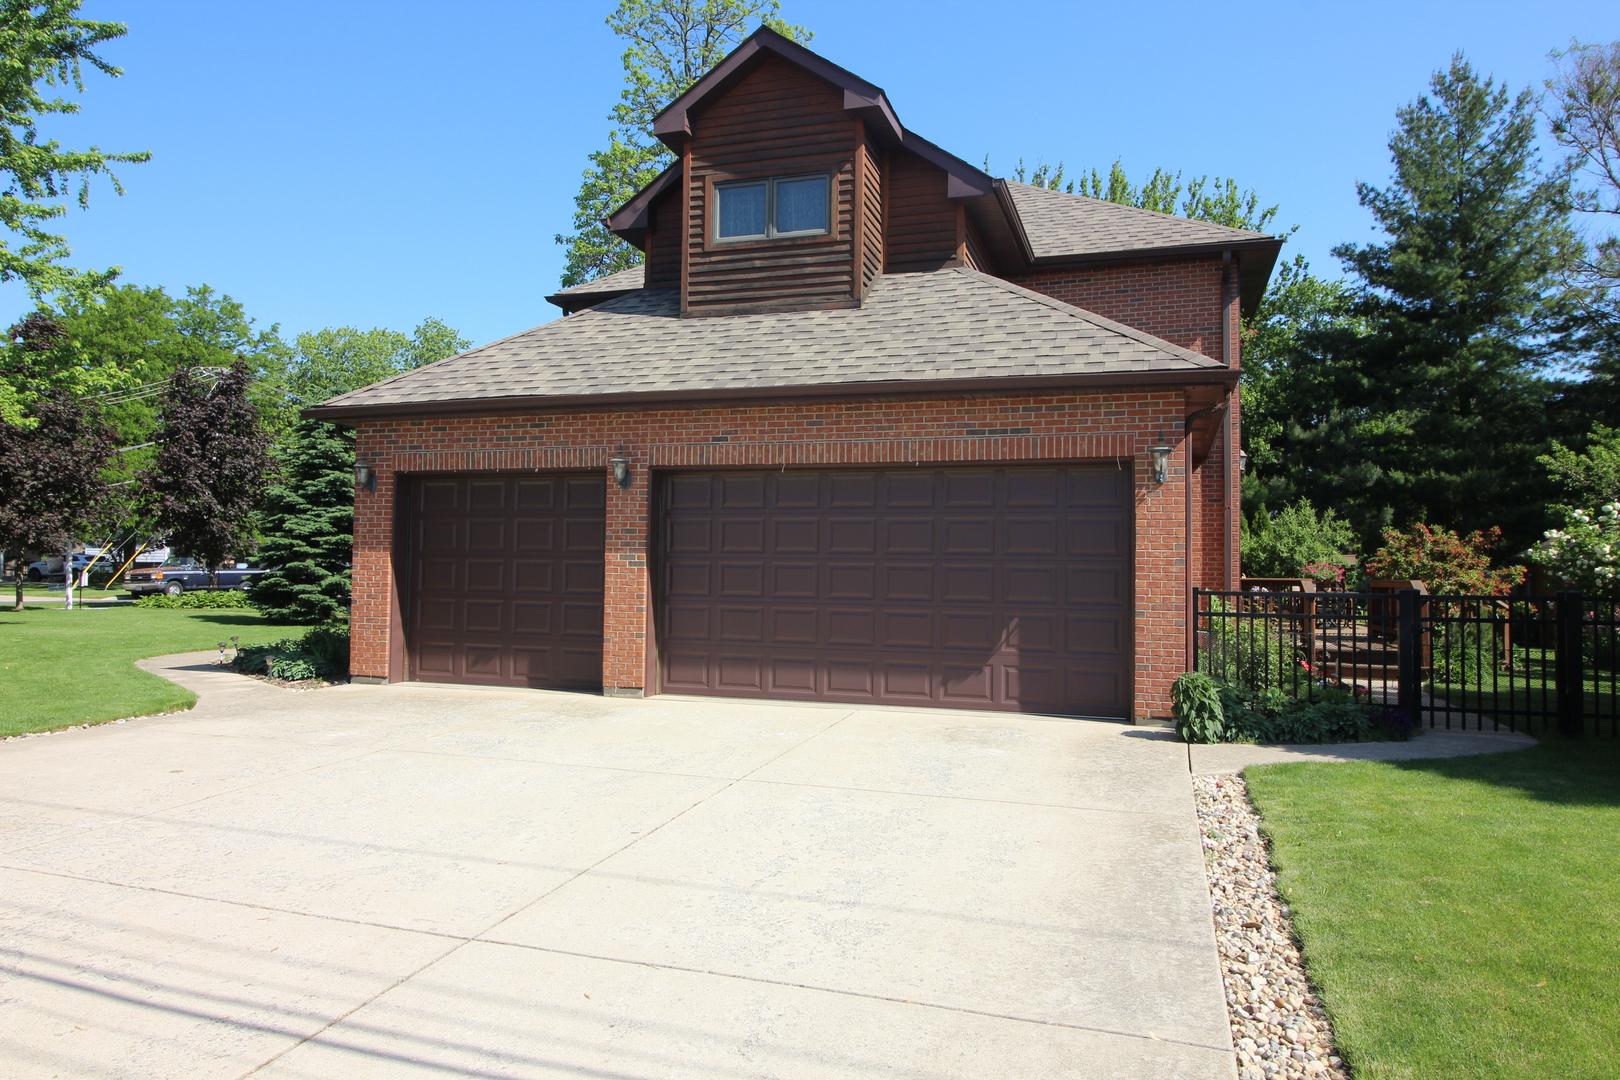 213 Dalewood, Wood Dale, Illinois, 60191